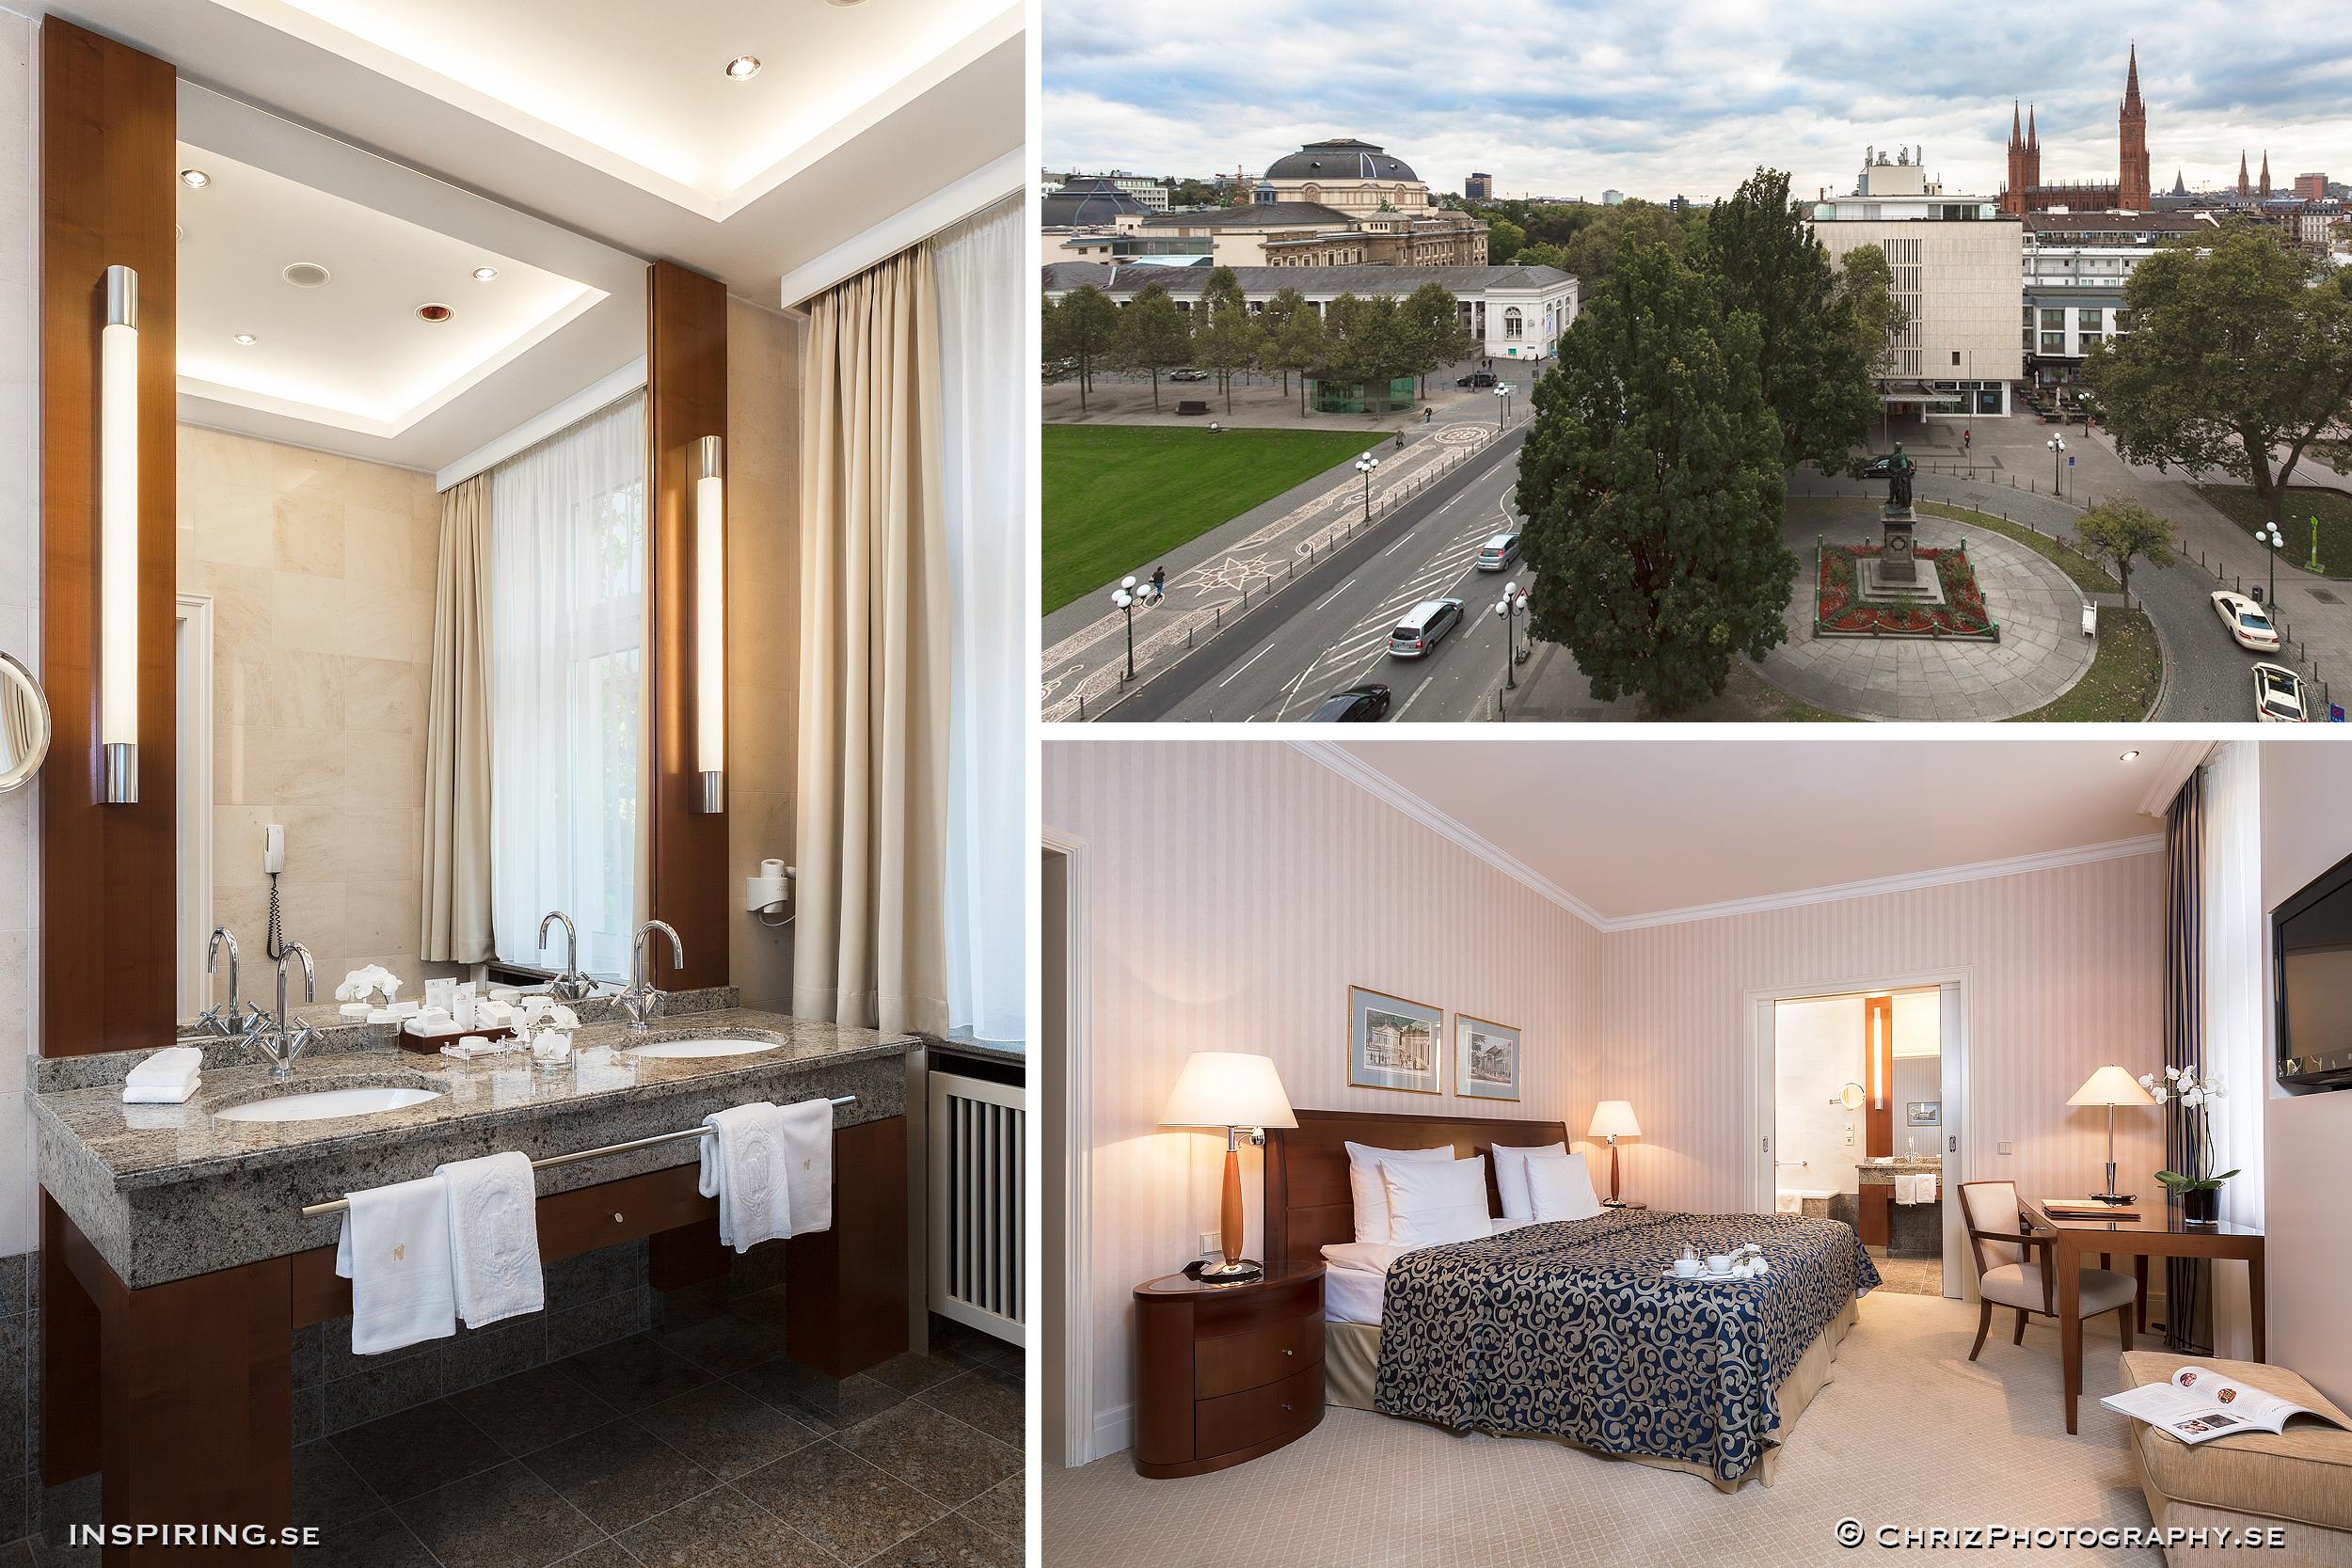 Hotel_Nassauer_Hof_Inspiring.se_copyright_ChrizPhotography.se_14.jpg